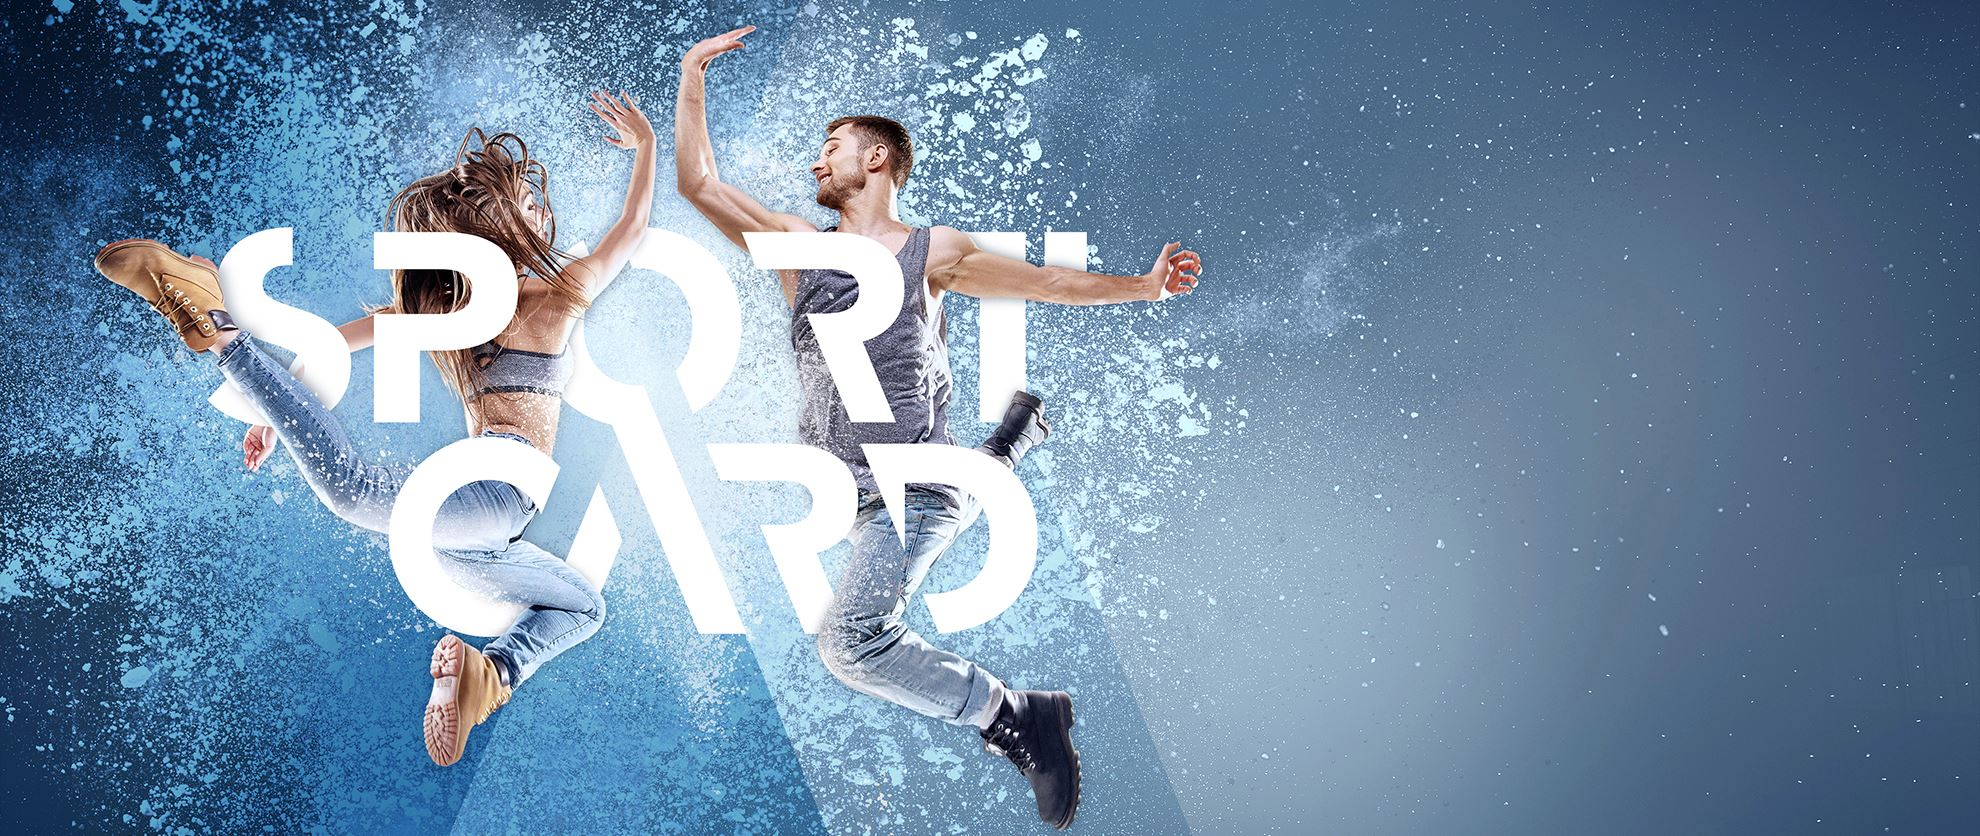 Sportcard Bild